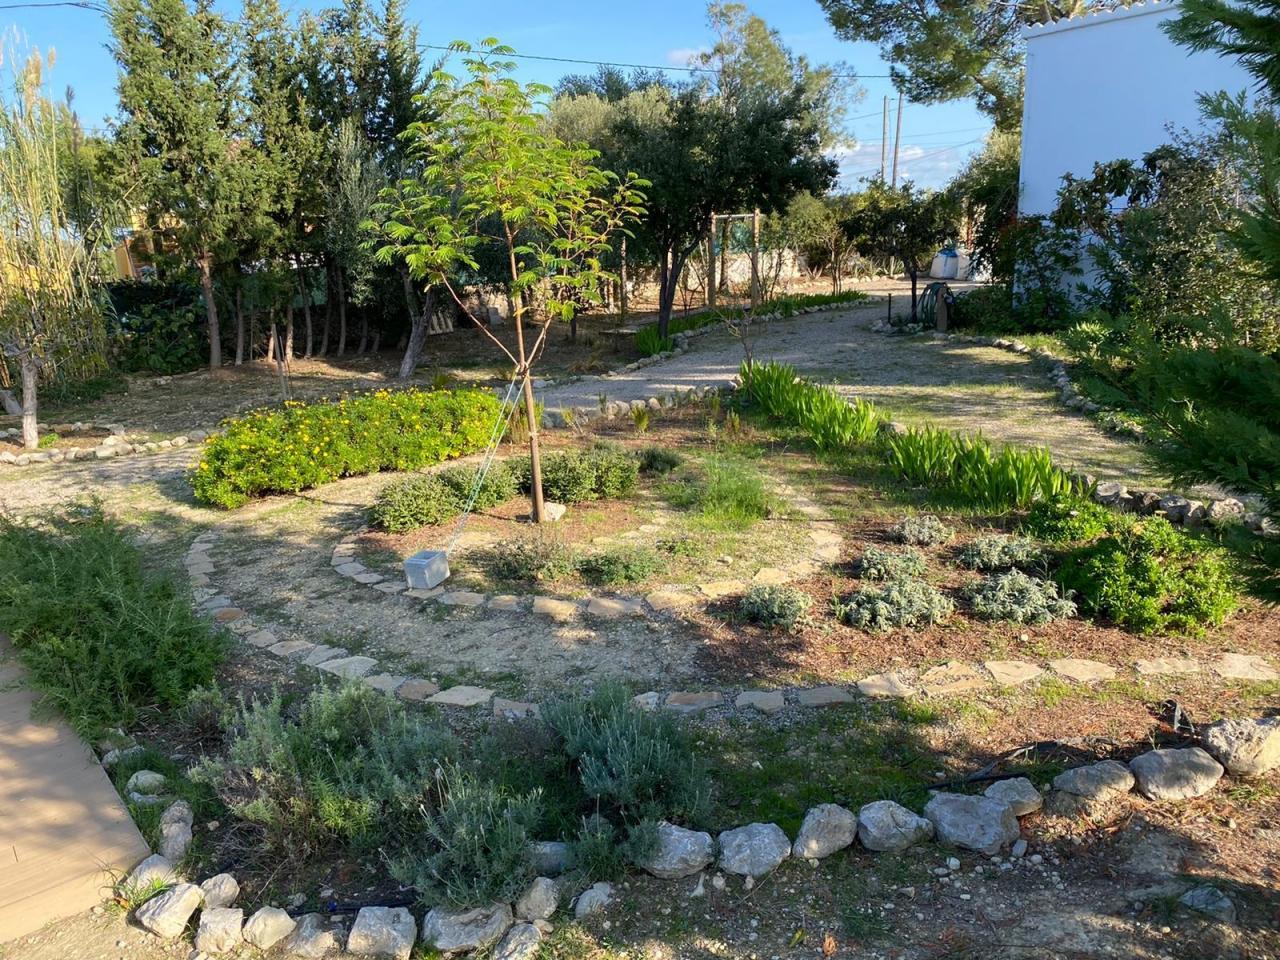 The Spiral Herb Garden